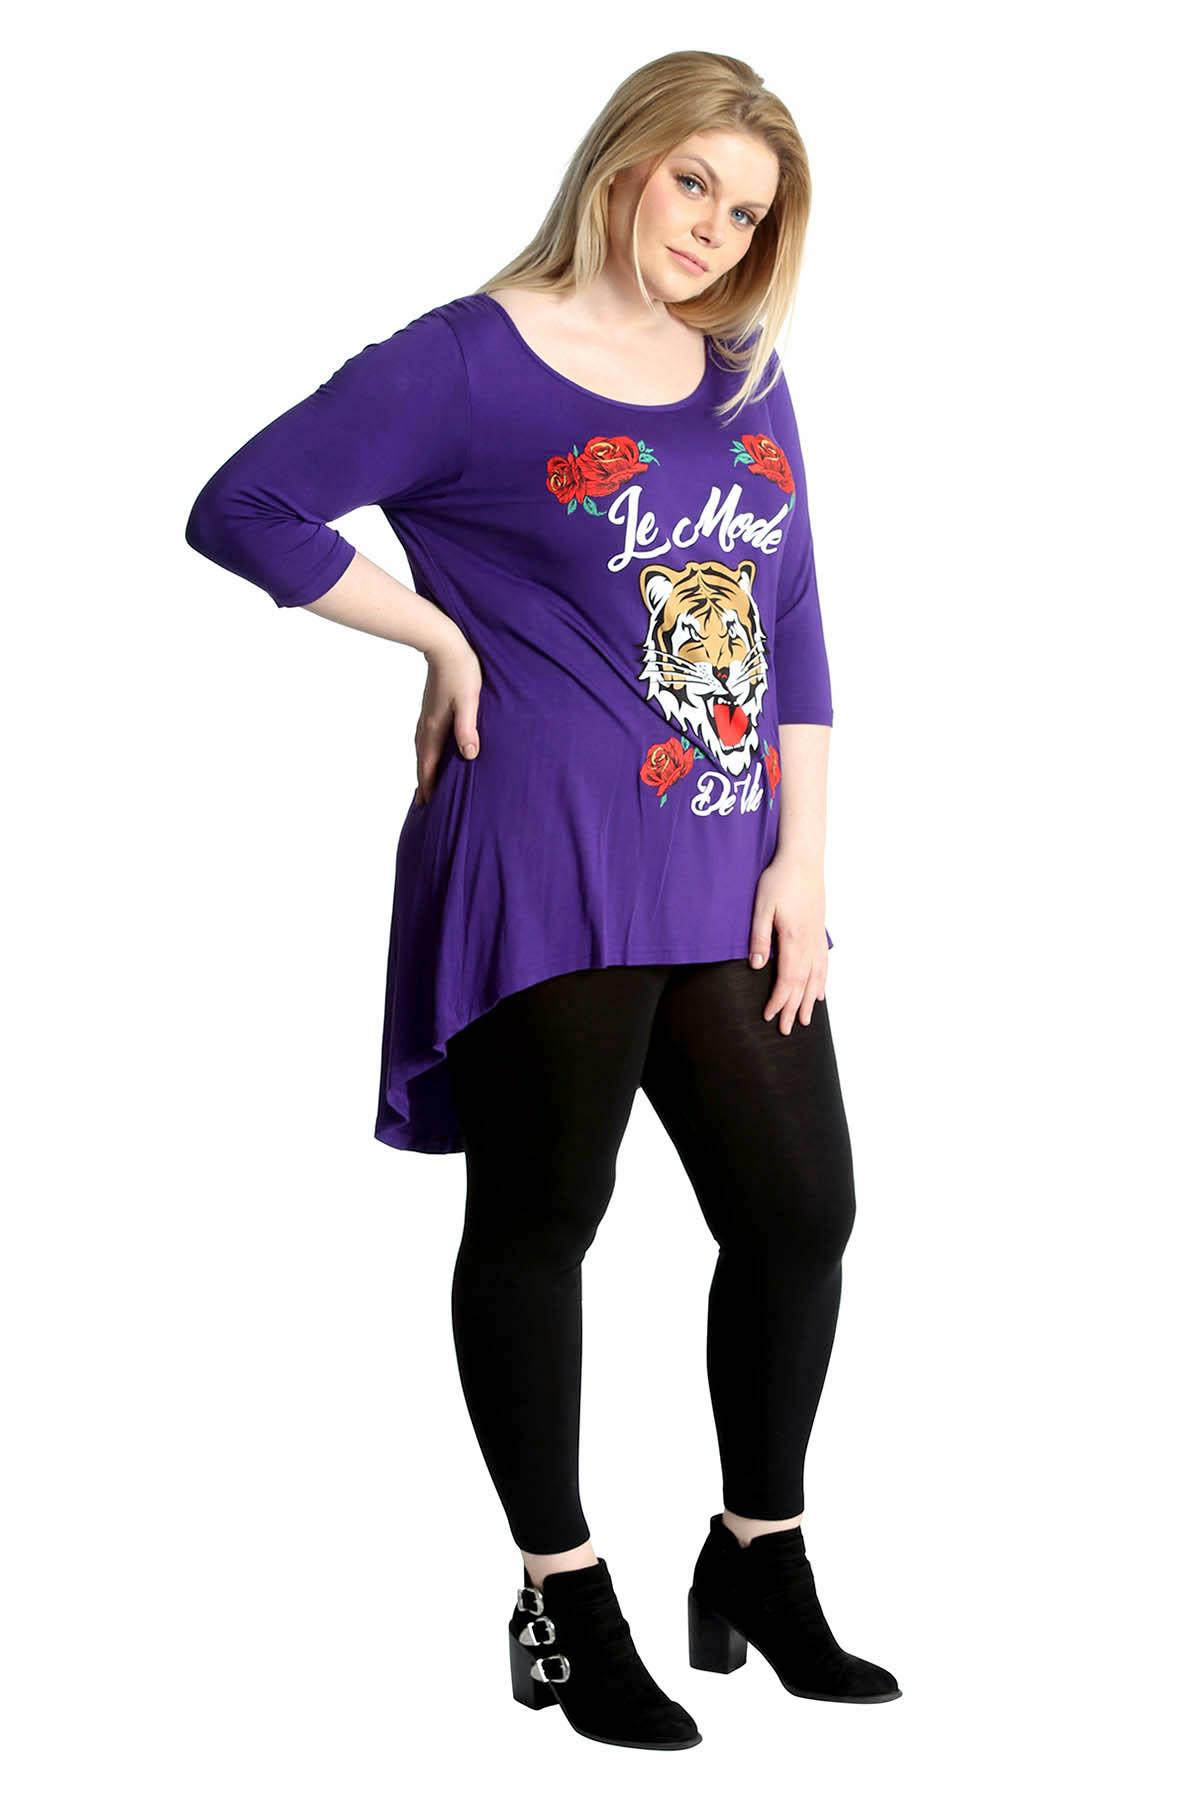 New-Womens-T-Shirt-Plus-Size-Ladies-Top-Tiger-Le-Mode-Print-Dip-Hem-Nouvelle